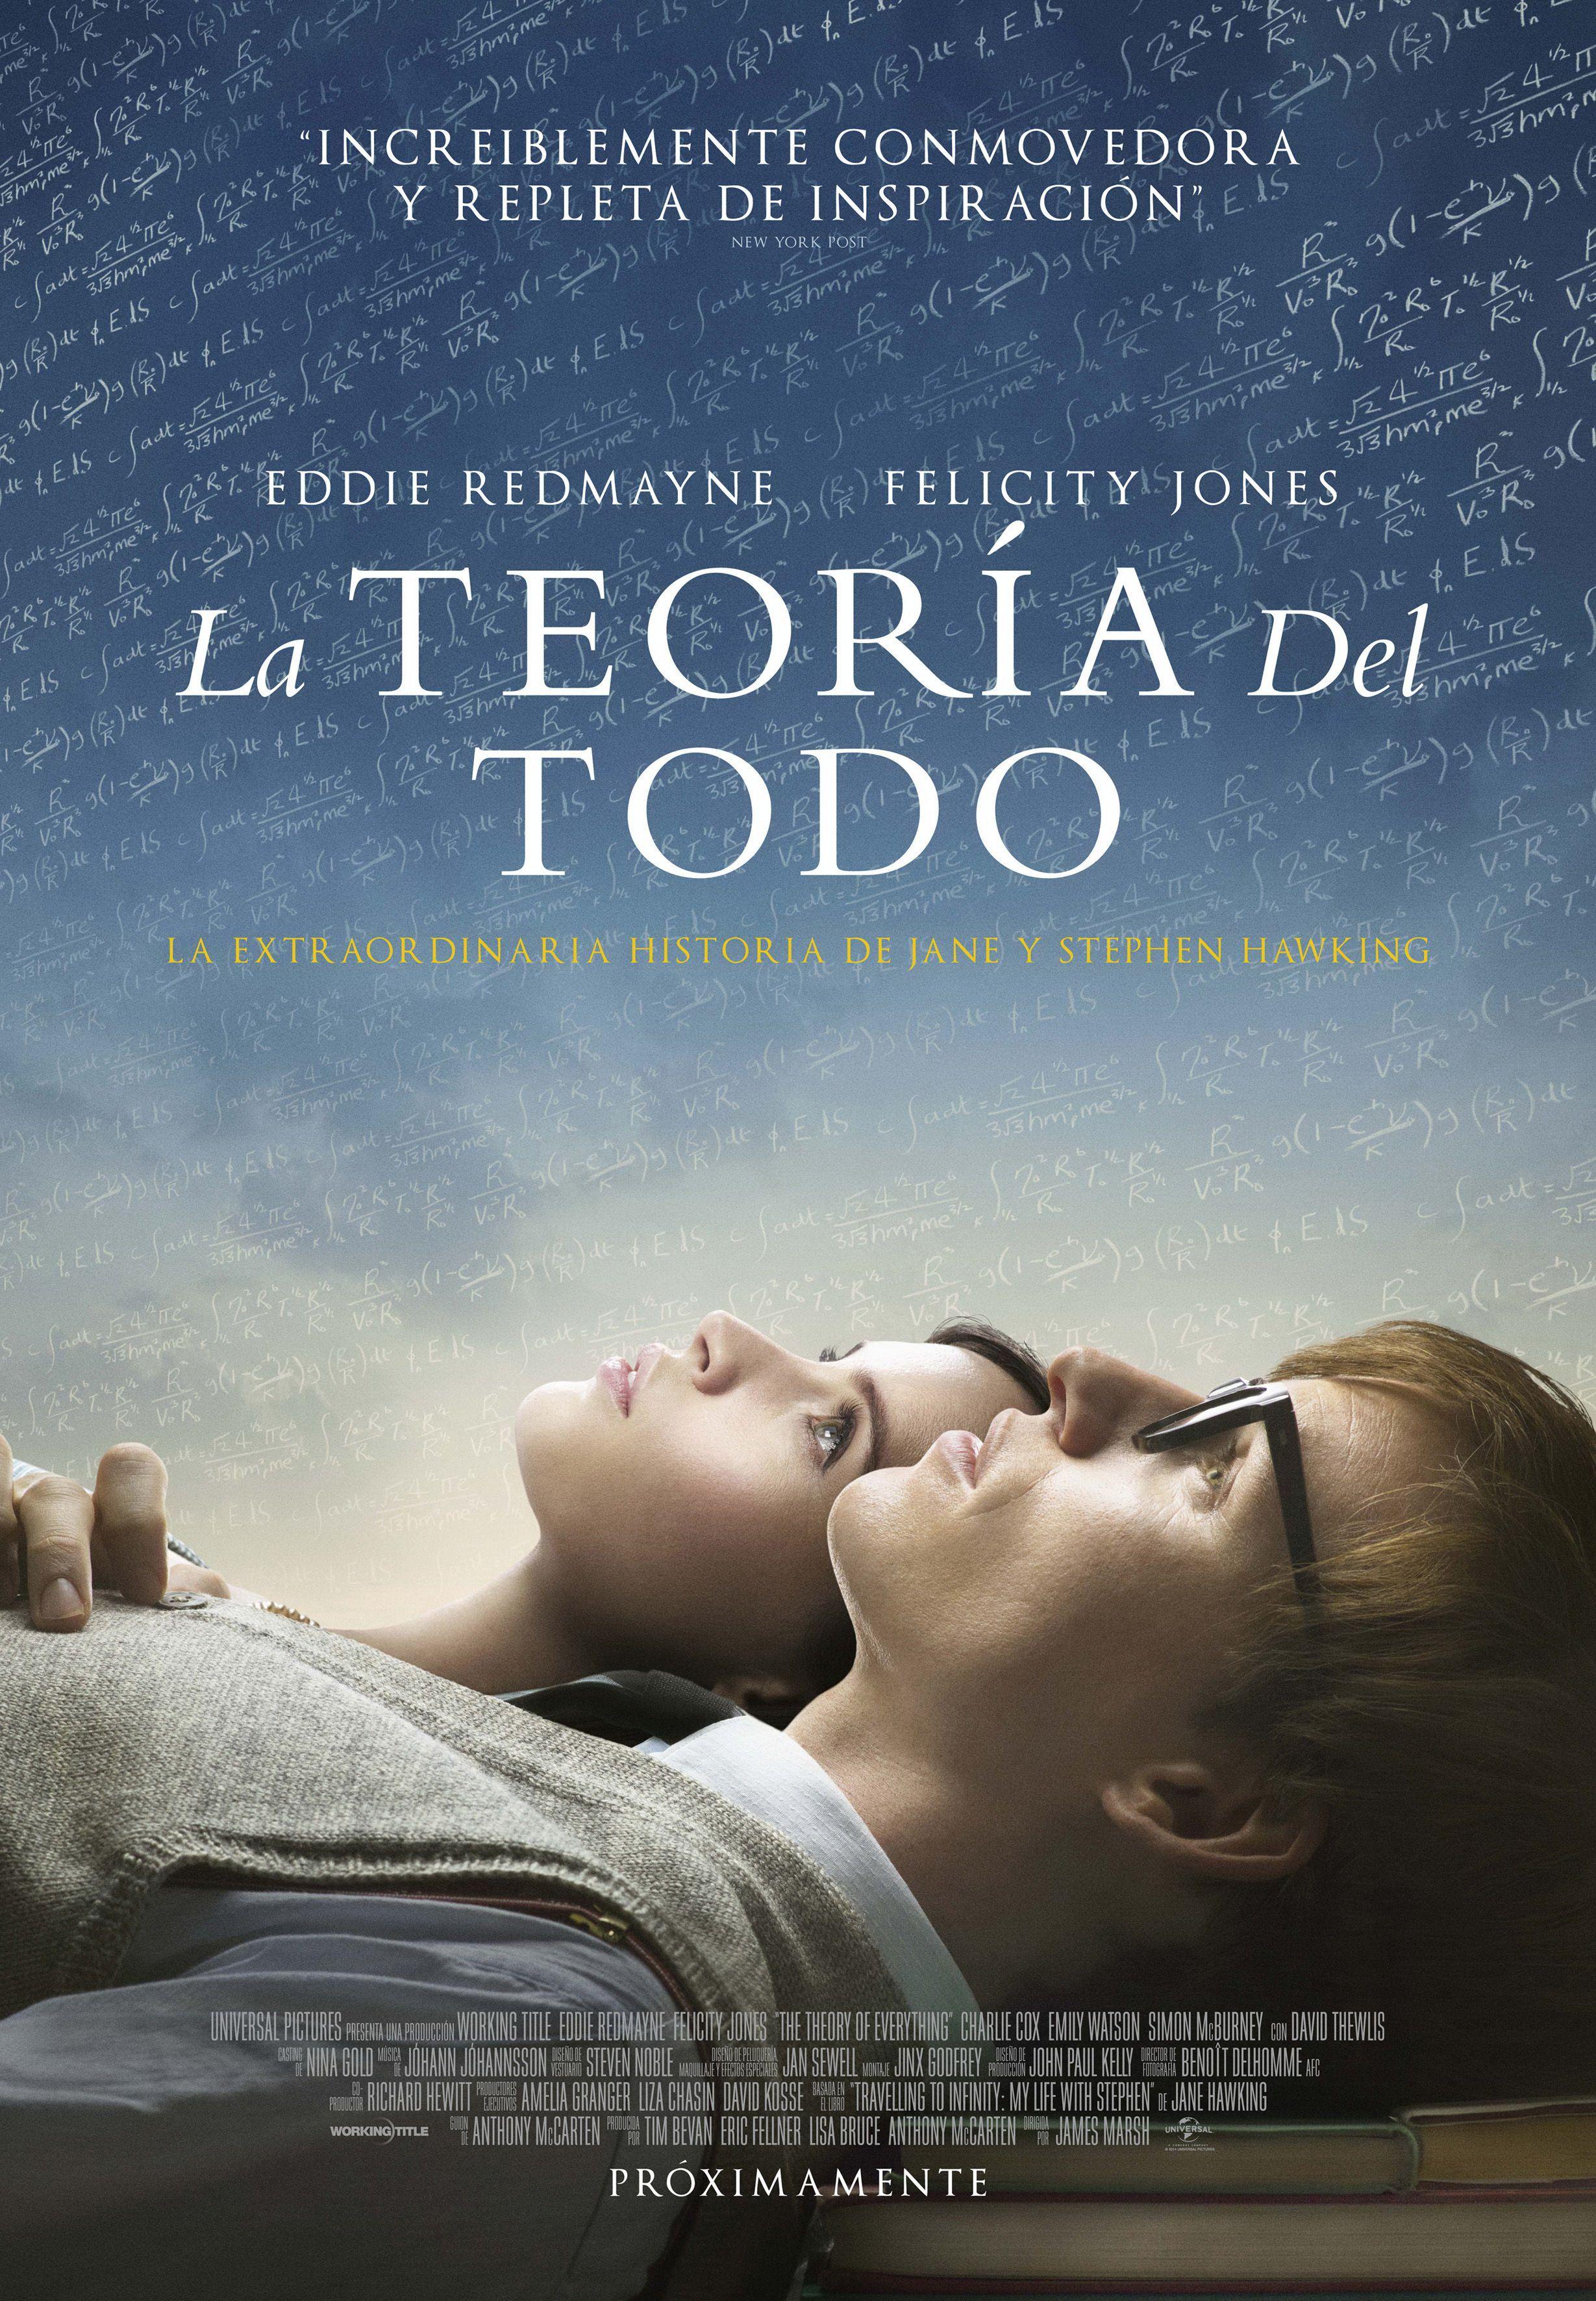 2014 - La teoría del todo - The theory of everything - tt2980516